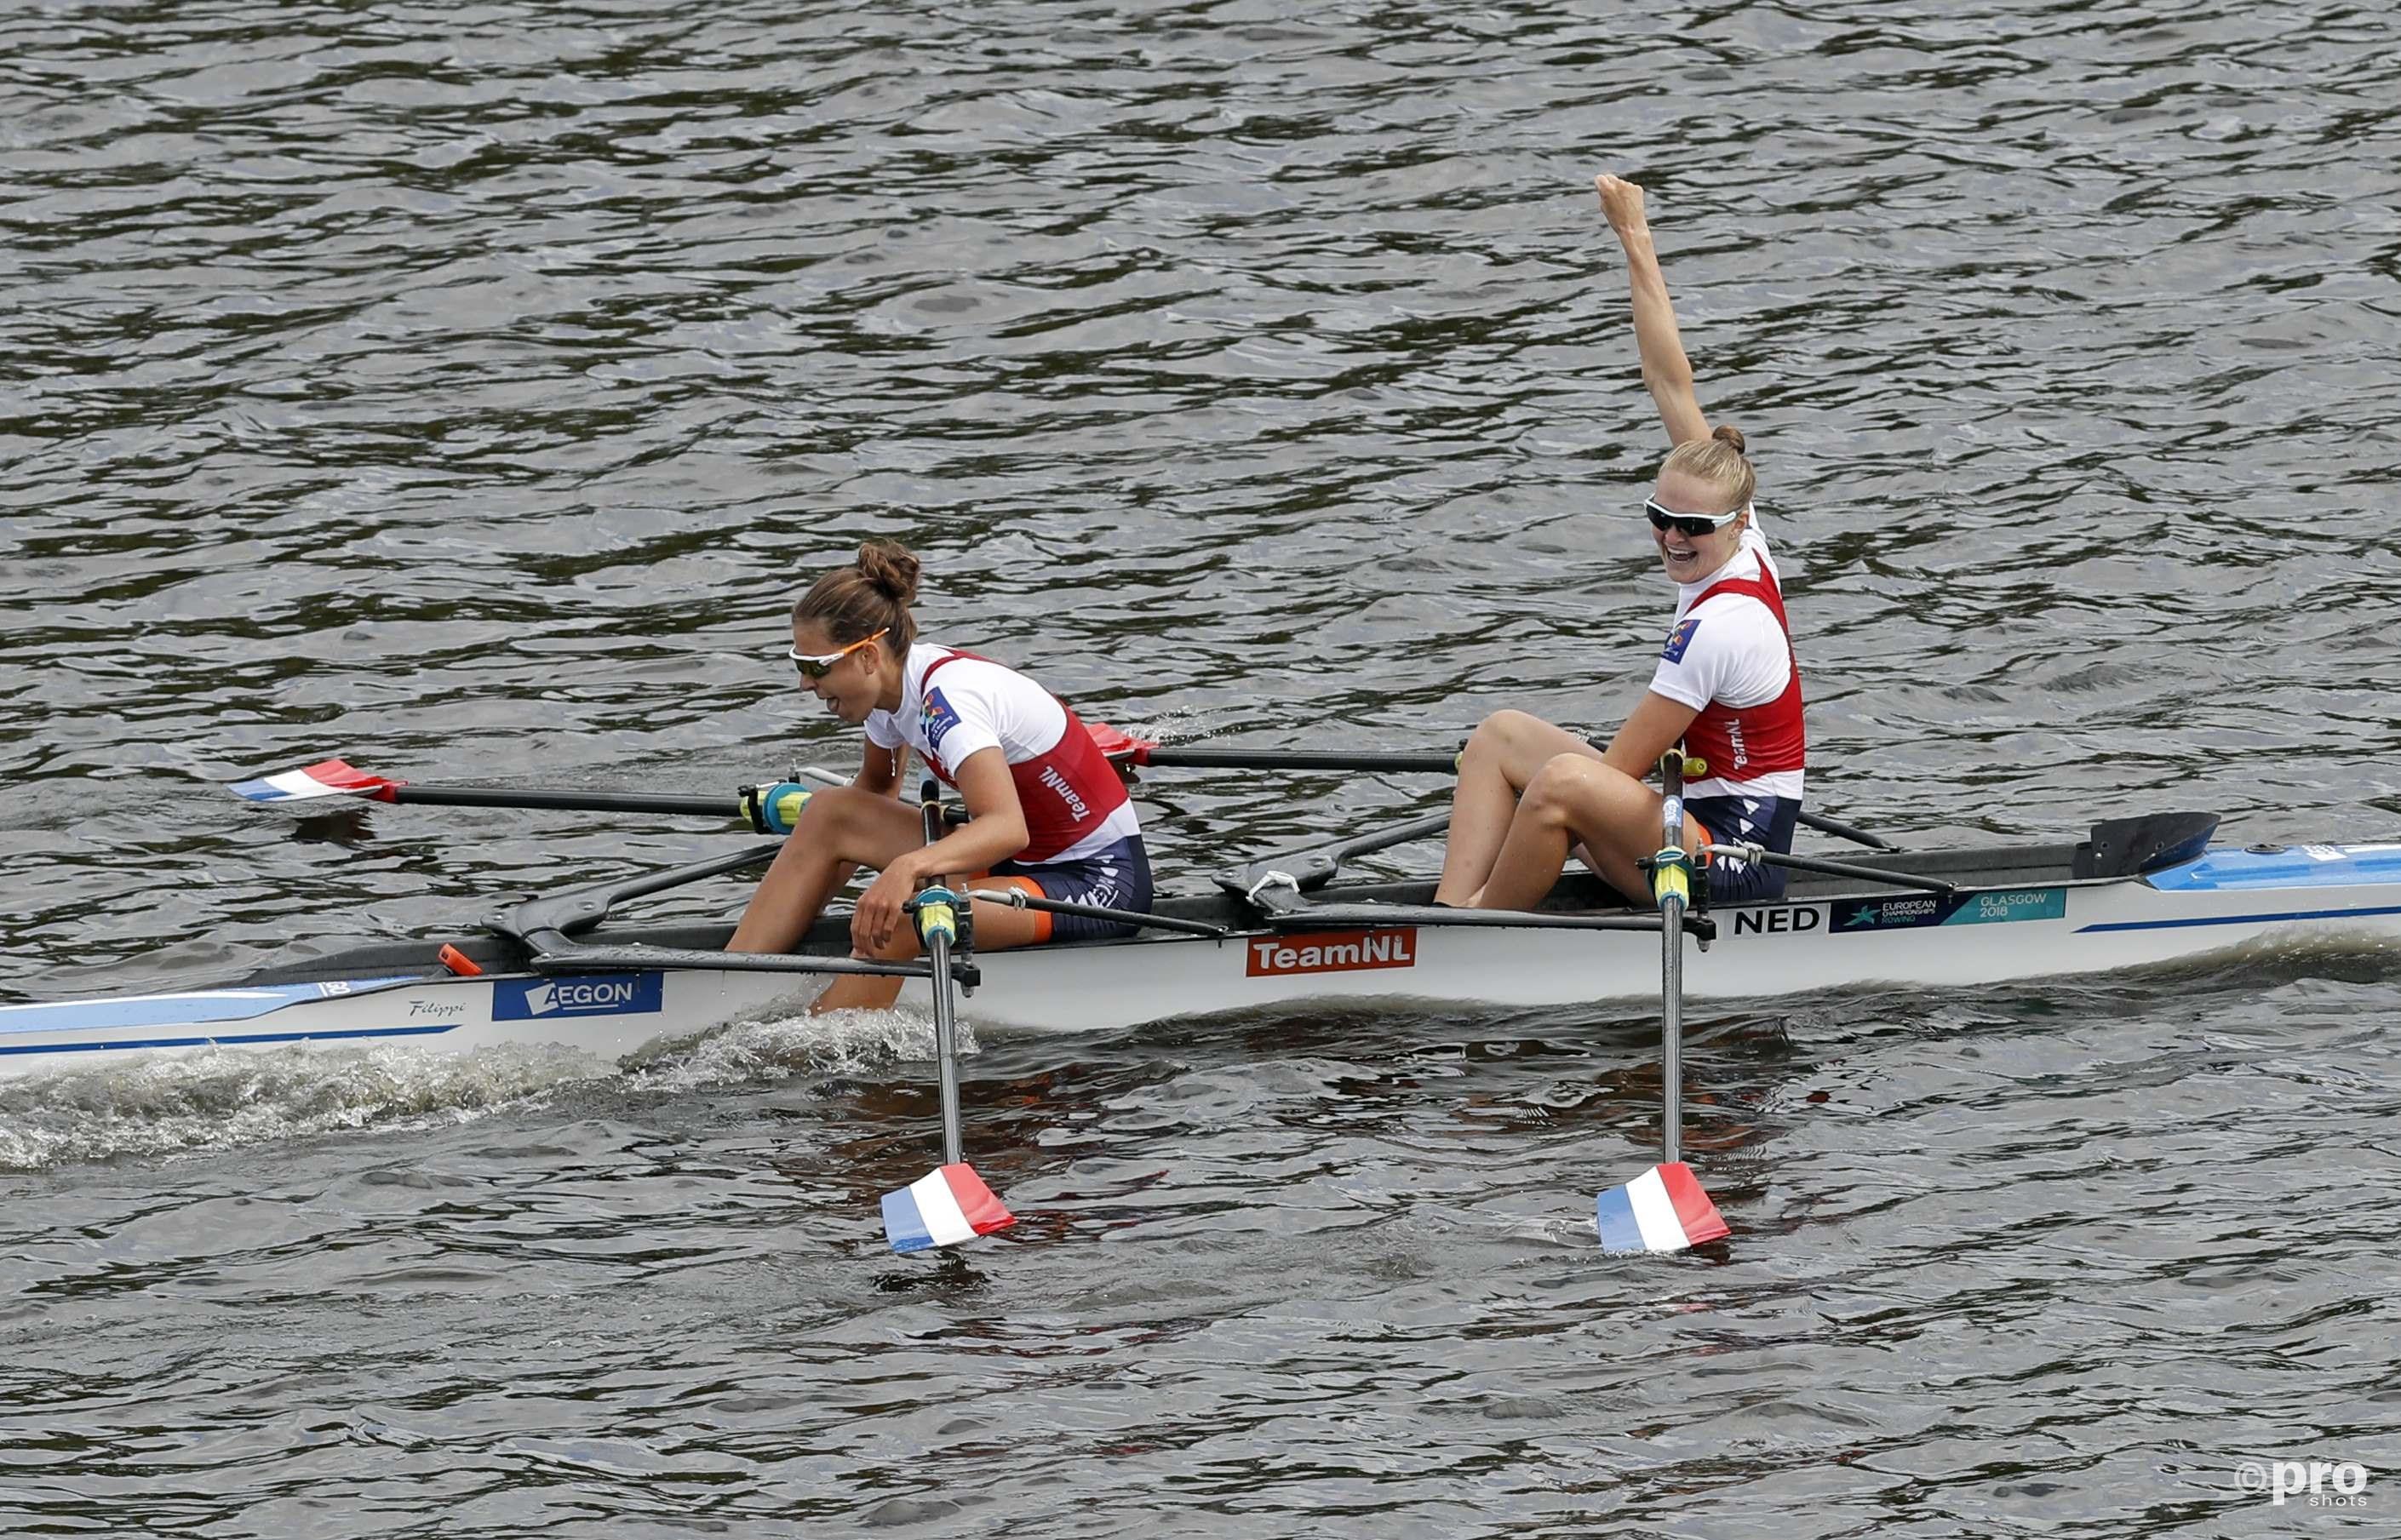 Marieke Keijser and Ilse Paulis pakken goud op het EK. (PRO SHOTS/Action Images)